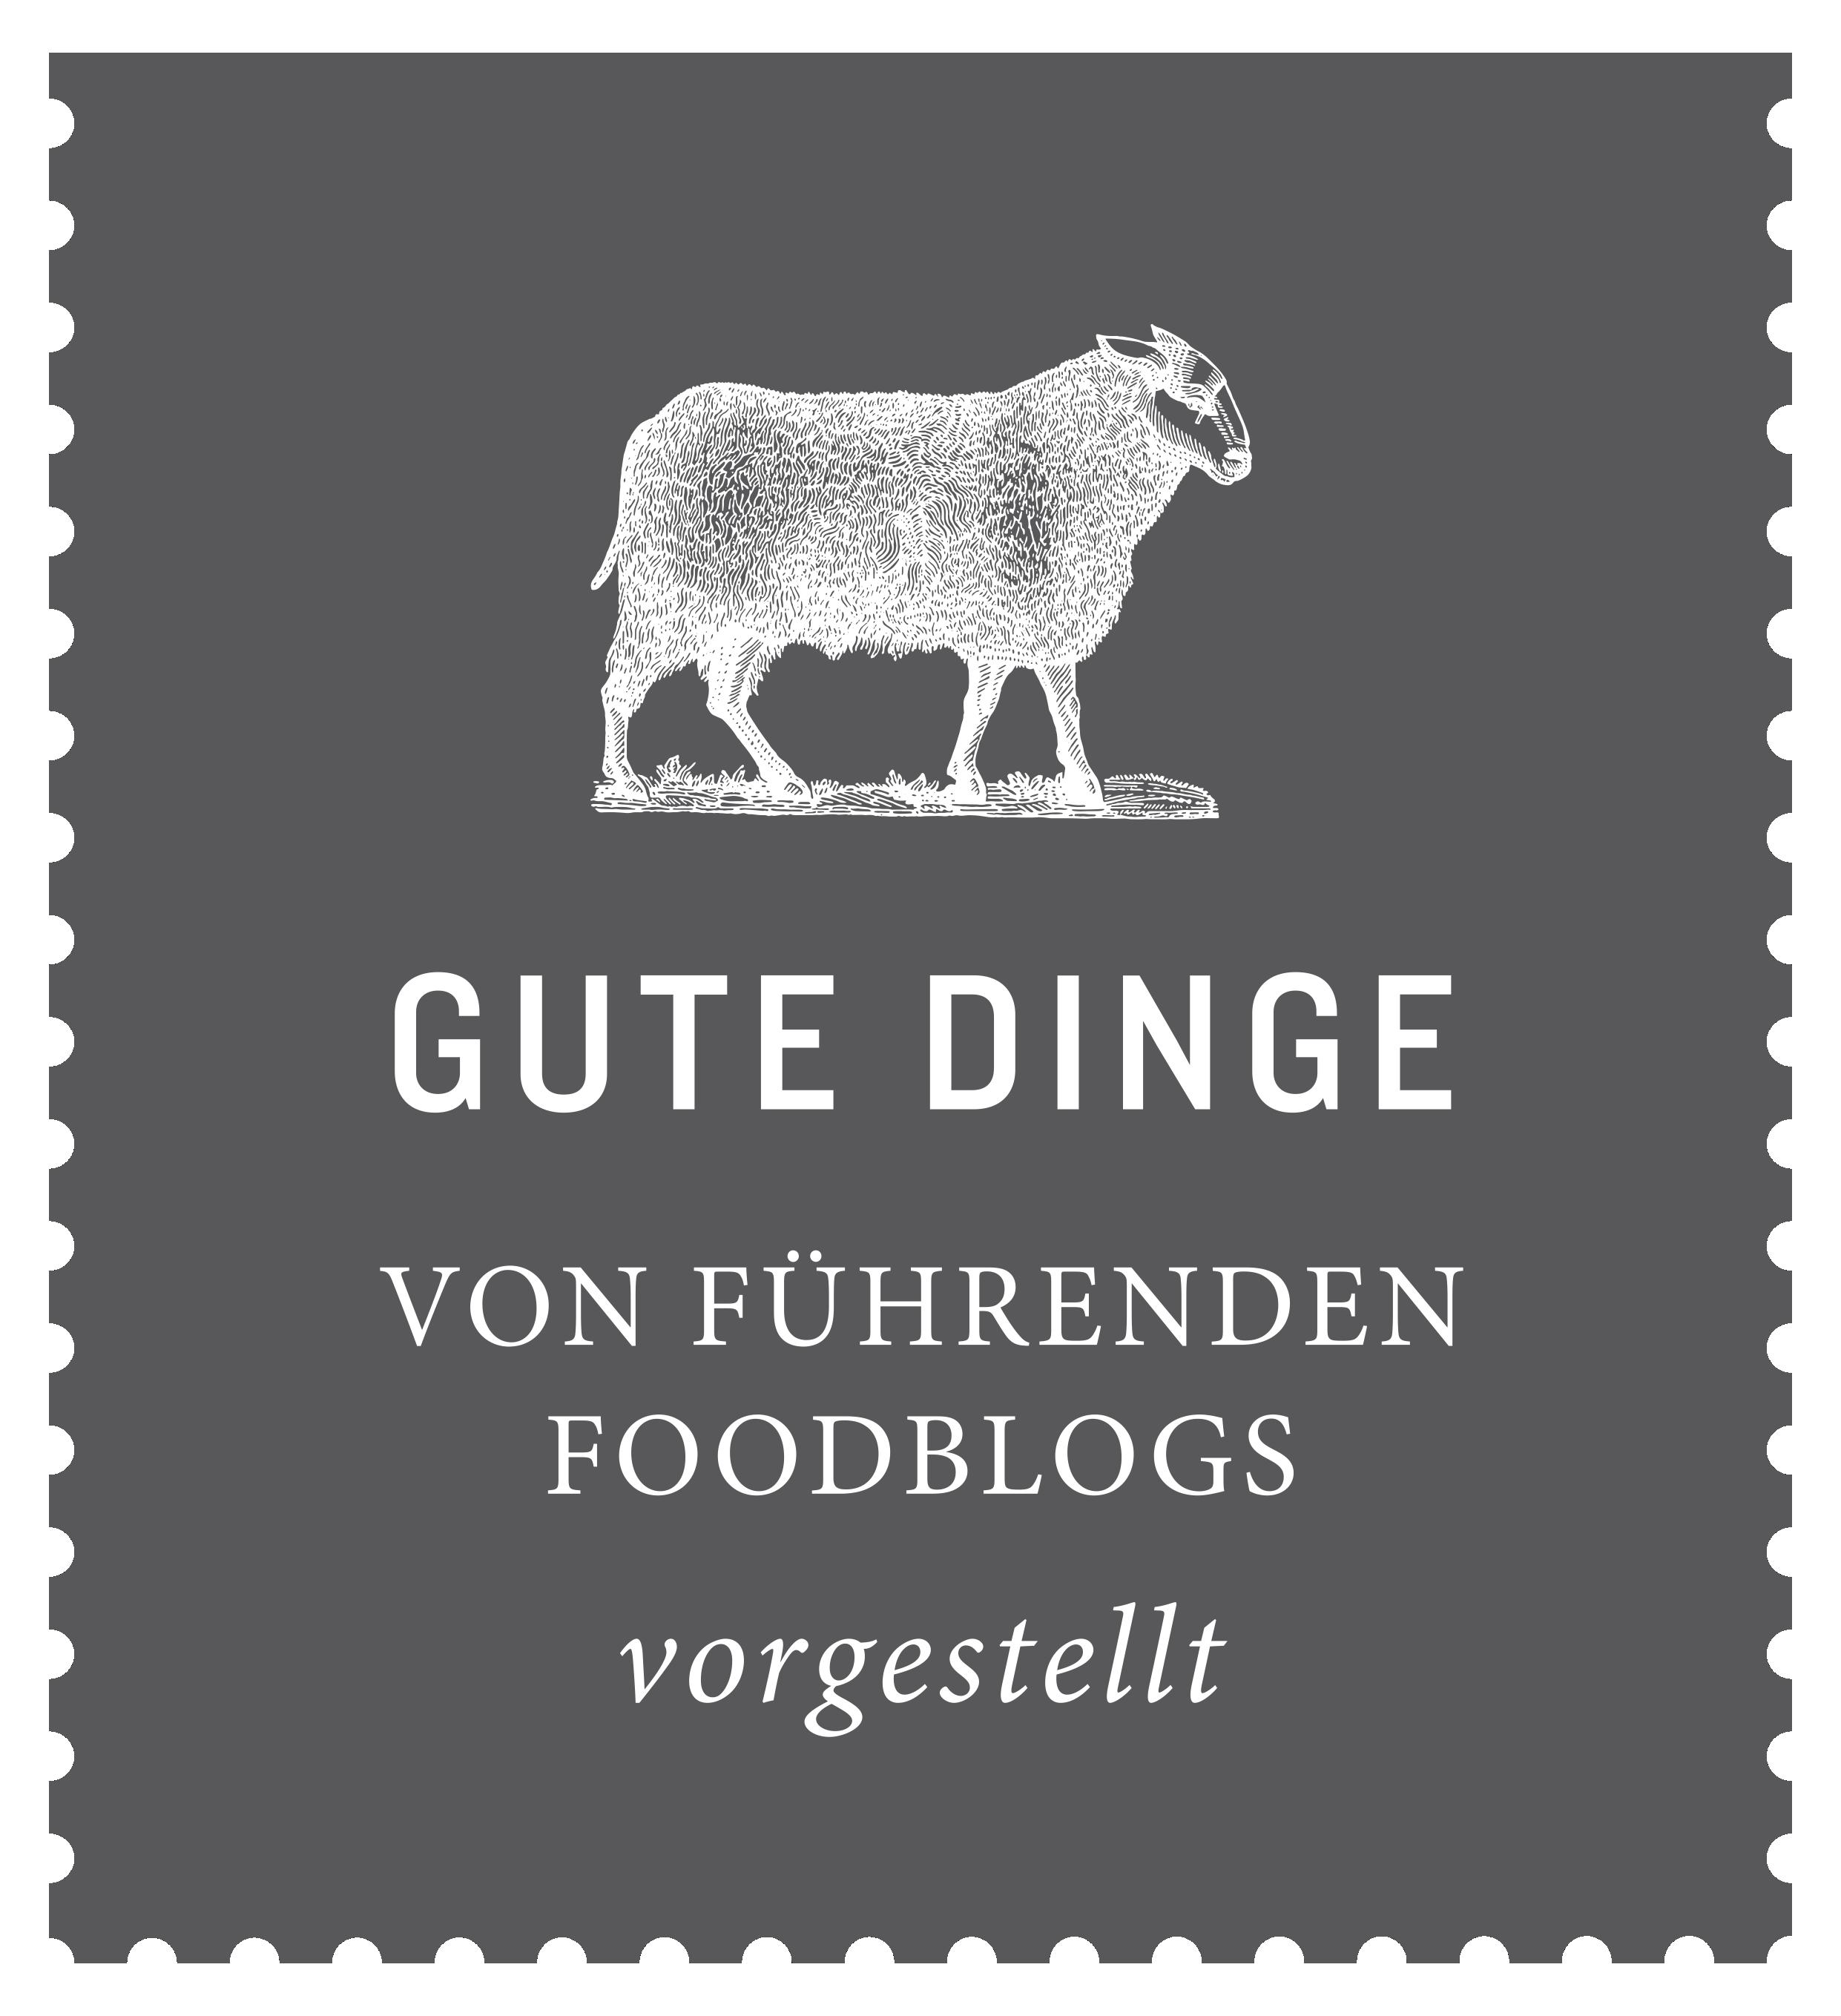 Bongu - führende Foodblogs